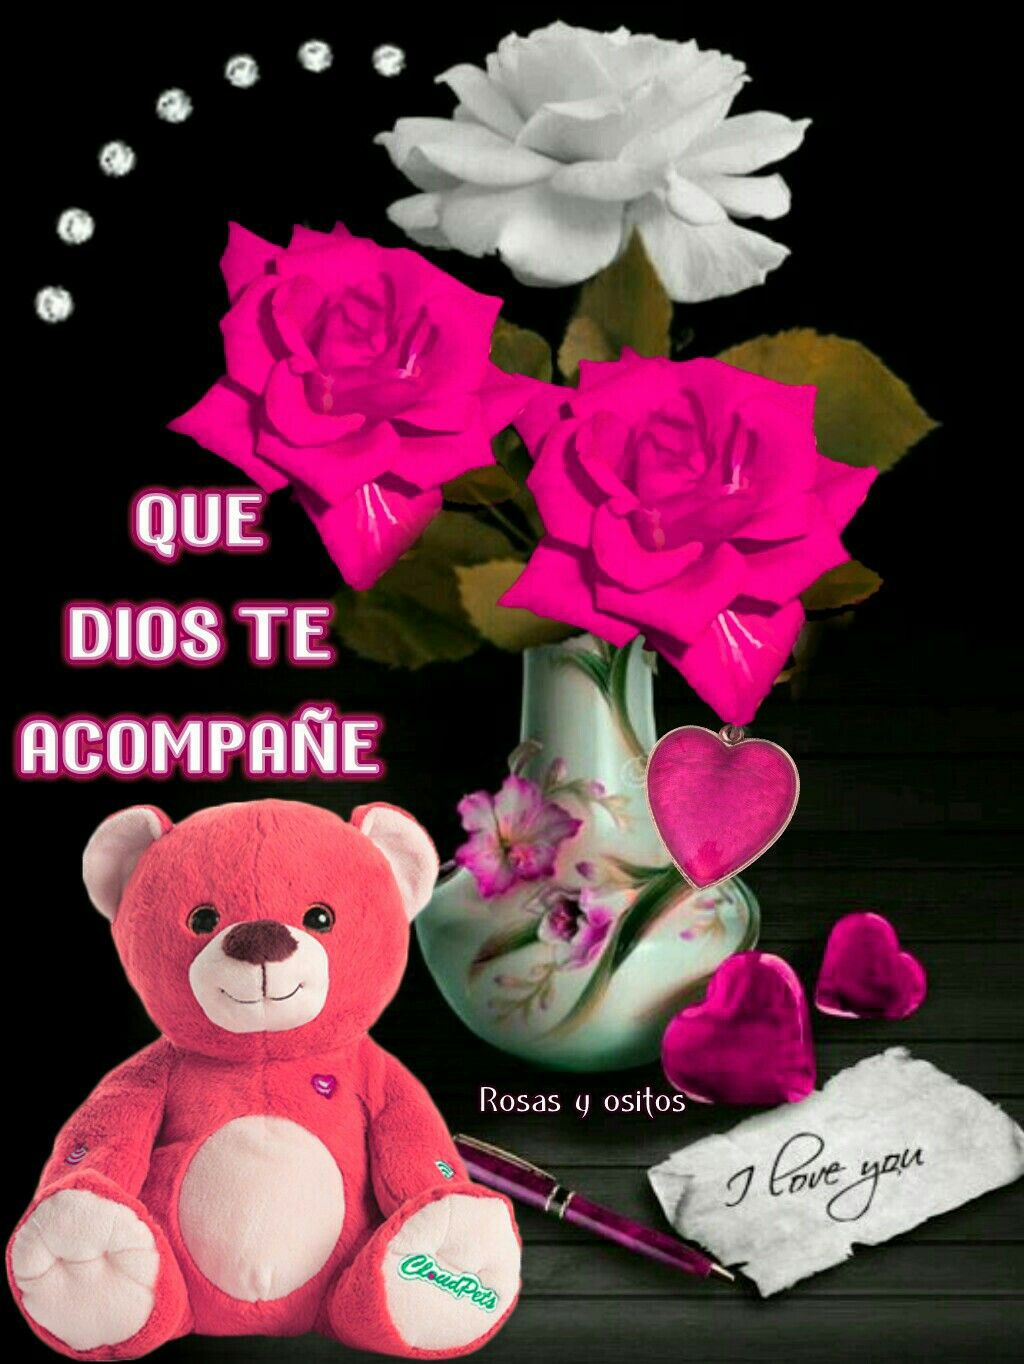 Poemas De Amor Osos Rosas Y Corazones